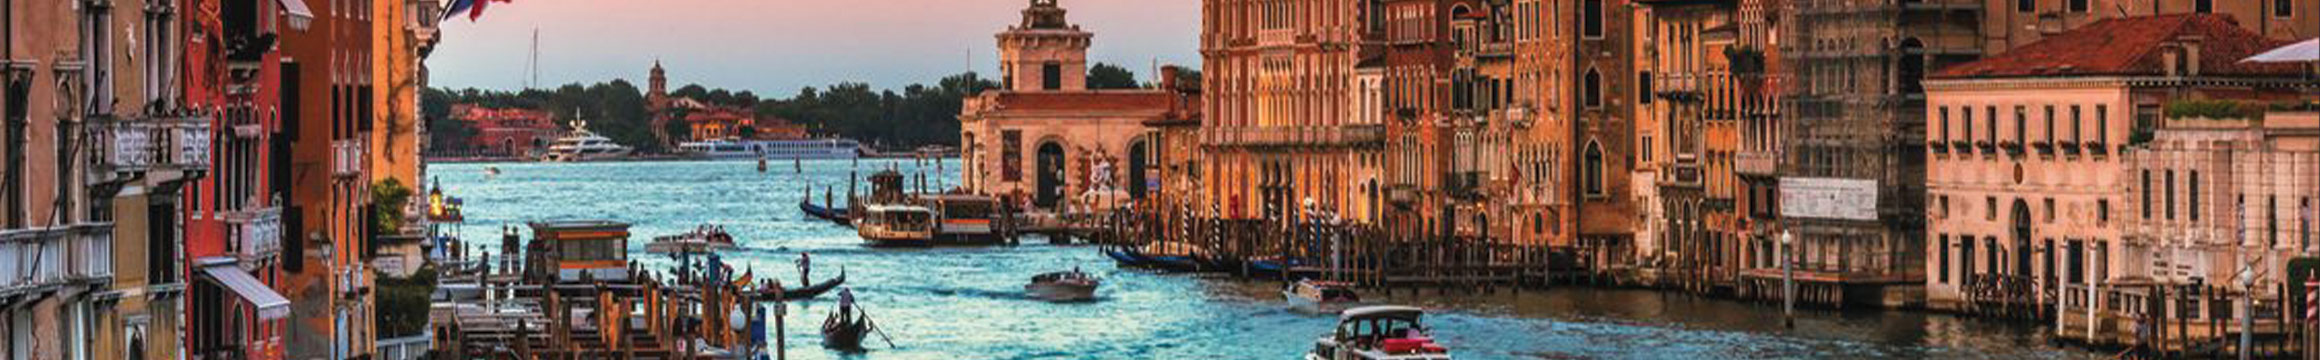 Scenery Italy Venice